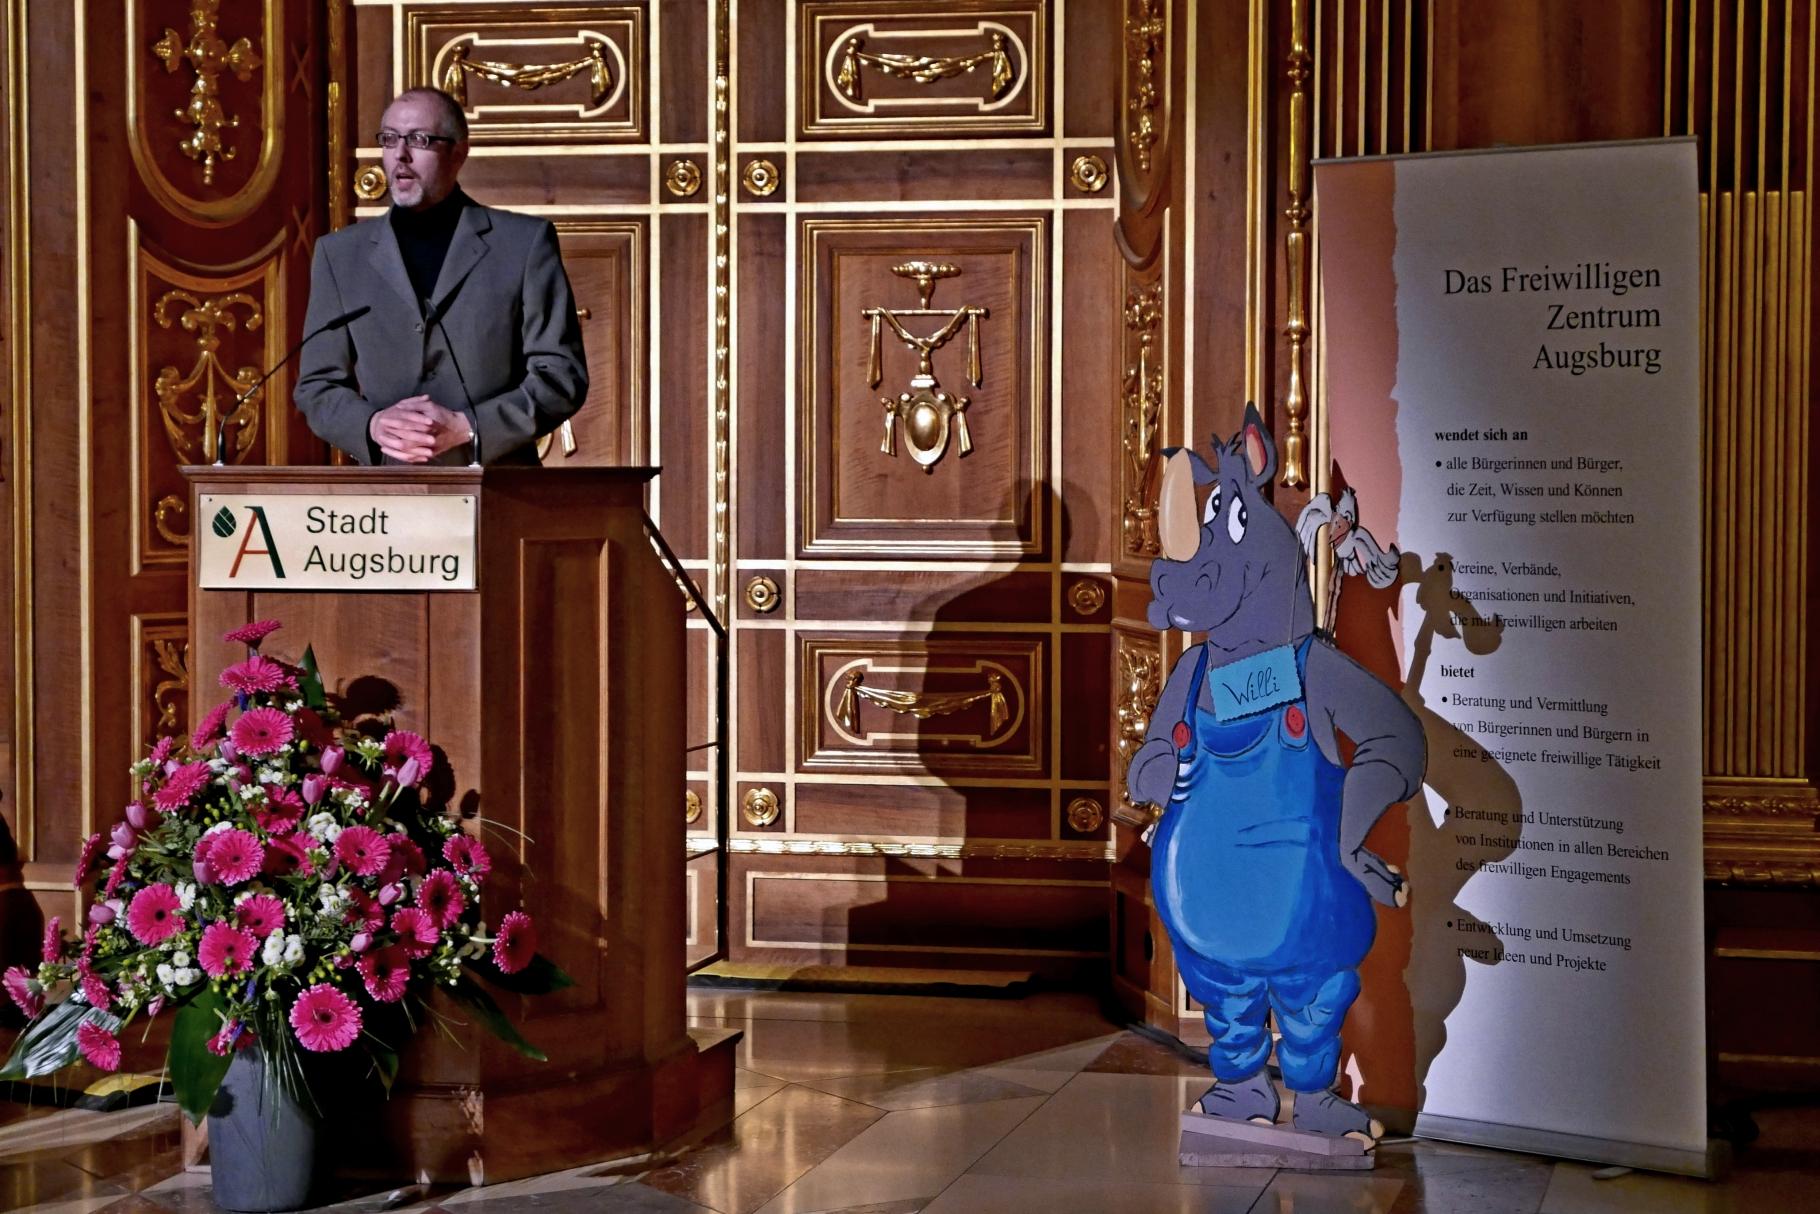 Dr. Christoph Steegmans - Festakt 20 Jahre Freiwilligen-Zentrum Augsburg - 24.03.2017 im Goldenen Saal Rathaus Augsburg - Foto: Christoph Urban